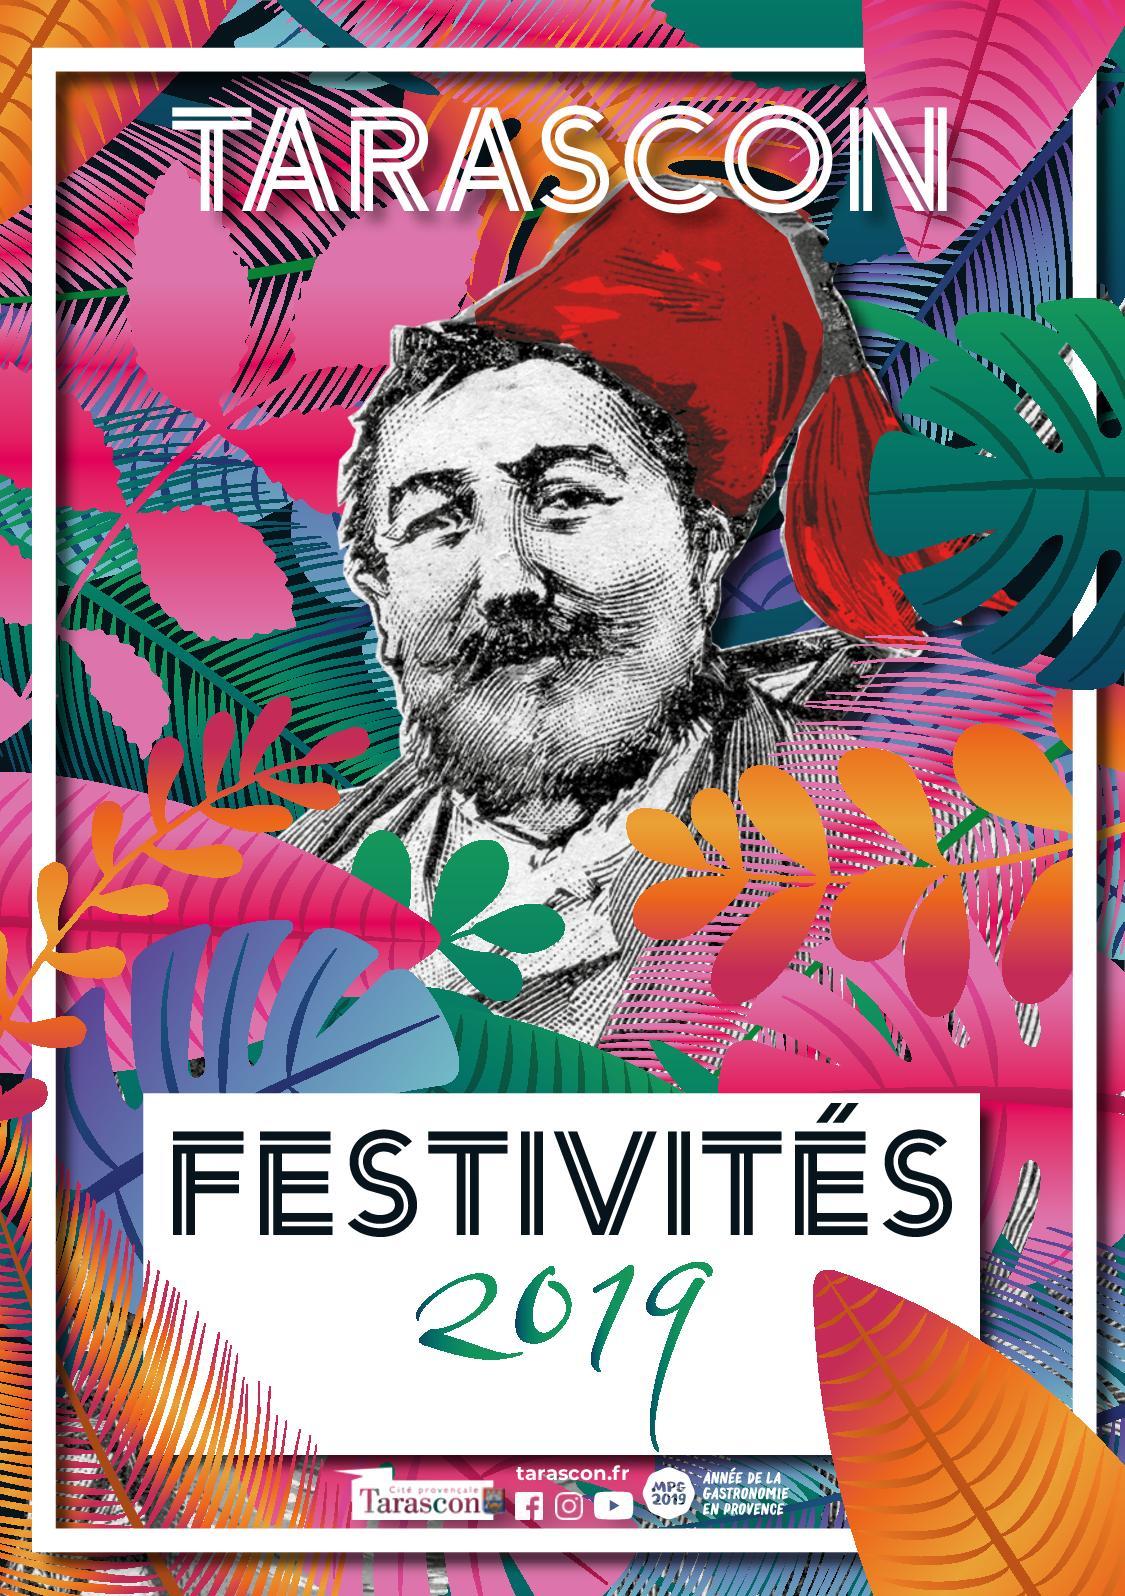 Guide des Festivités Tarascon 2019